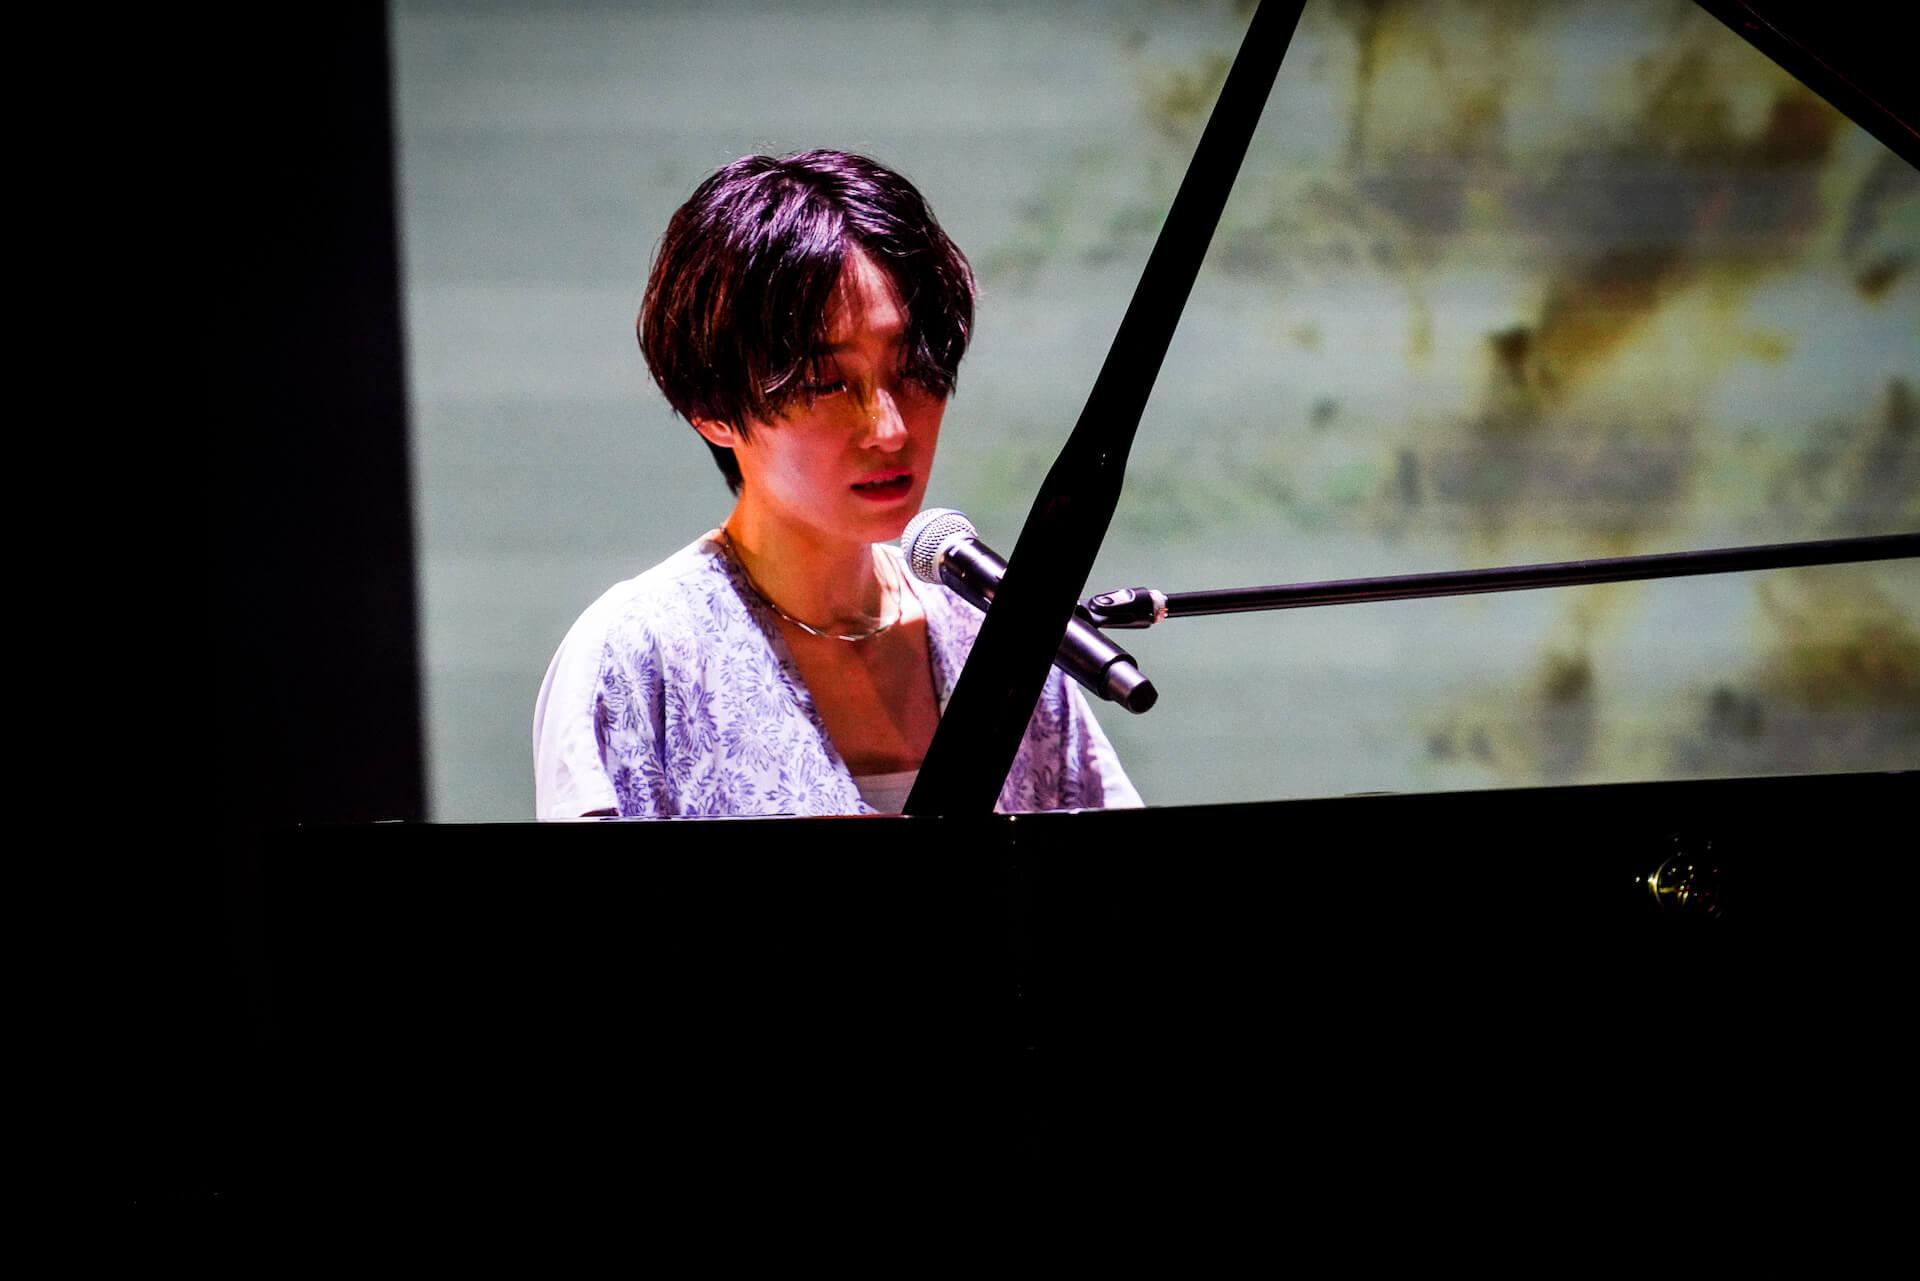 「また馬鹿な僕らで会おうぜ」━━日食なつこが1年4ヶ月ぶりの有観客ライブで魅せた<白亜>という新時代 column210712_nisshoku-natsuko-04